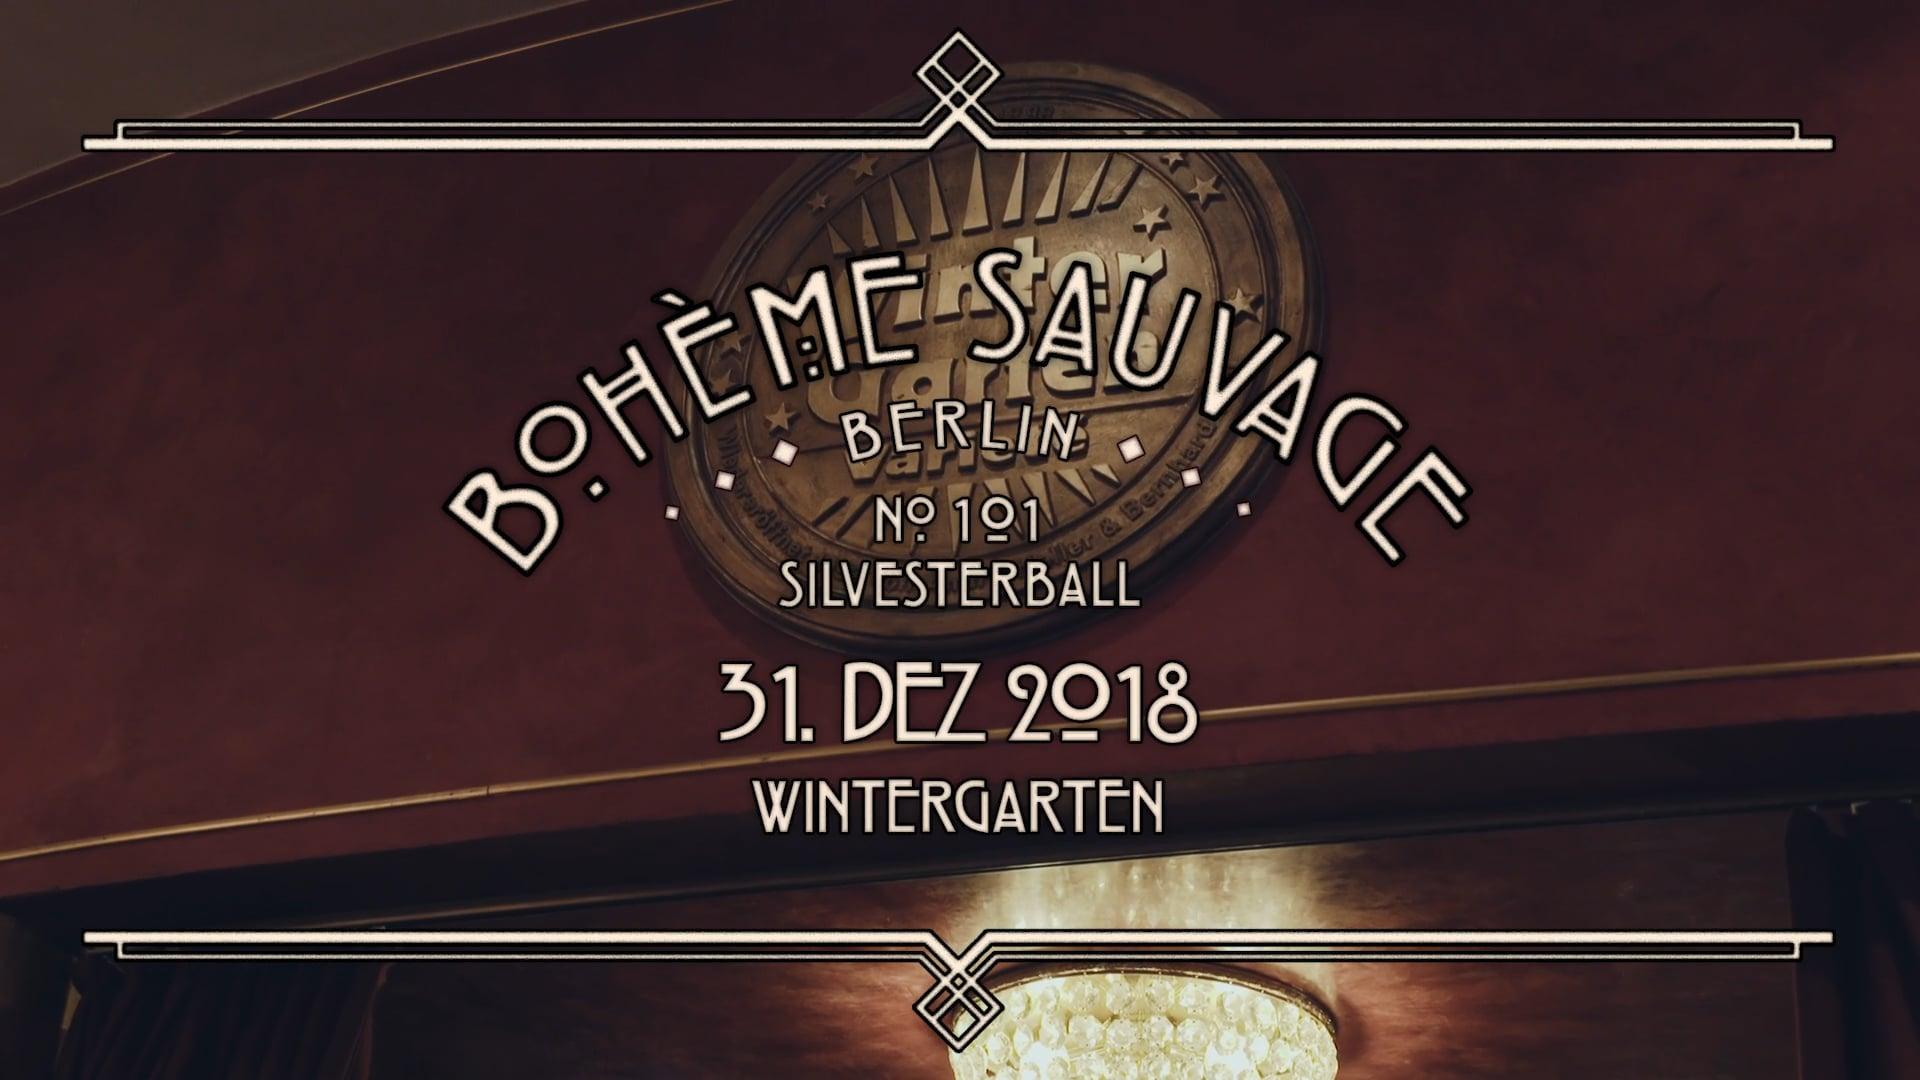 Bohème Sauvage Berlin Nº101 - 31. Dezember 2018 - Wintergarten